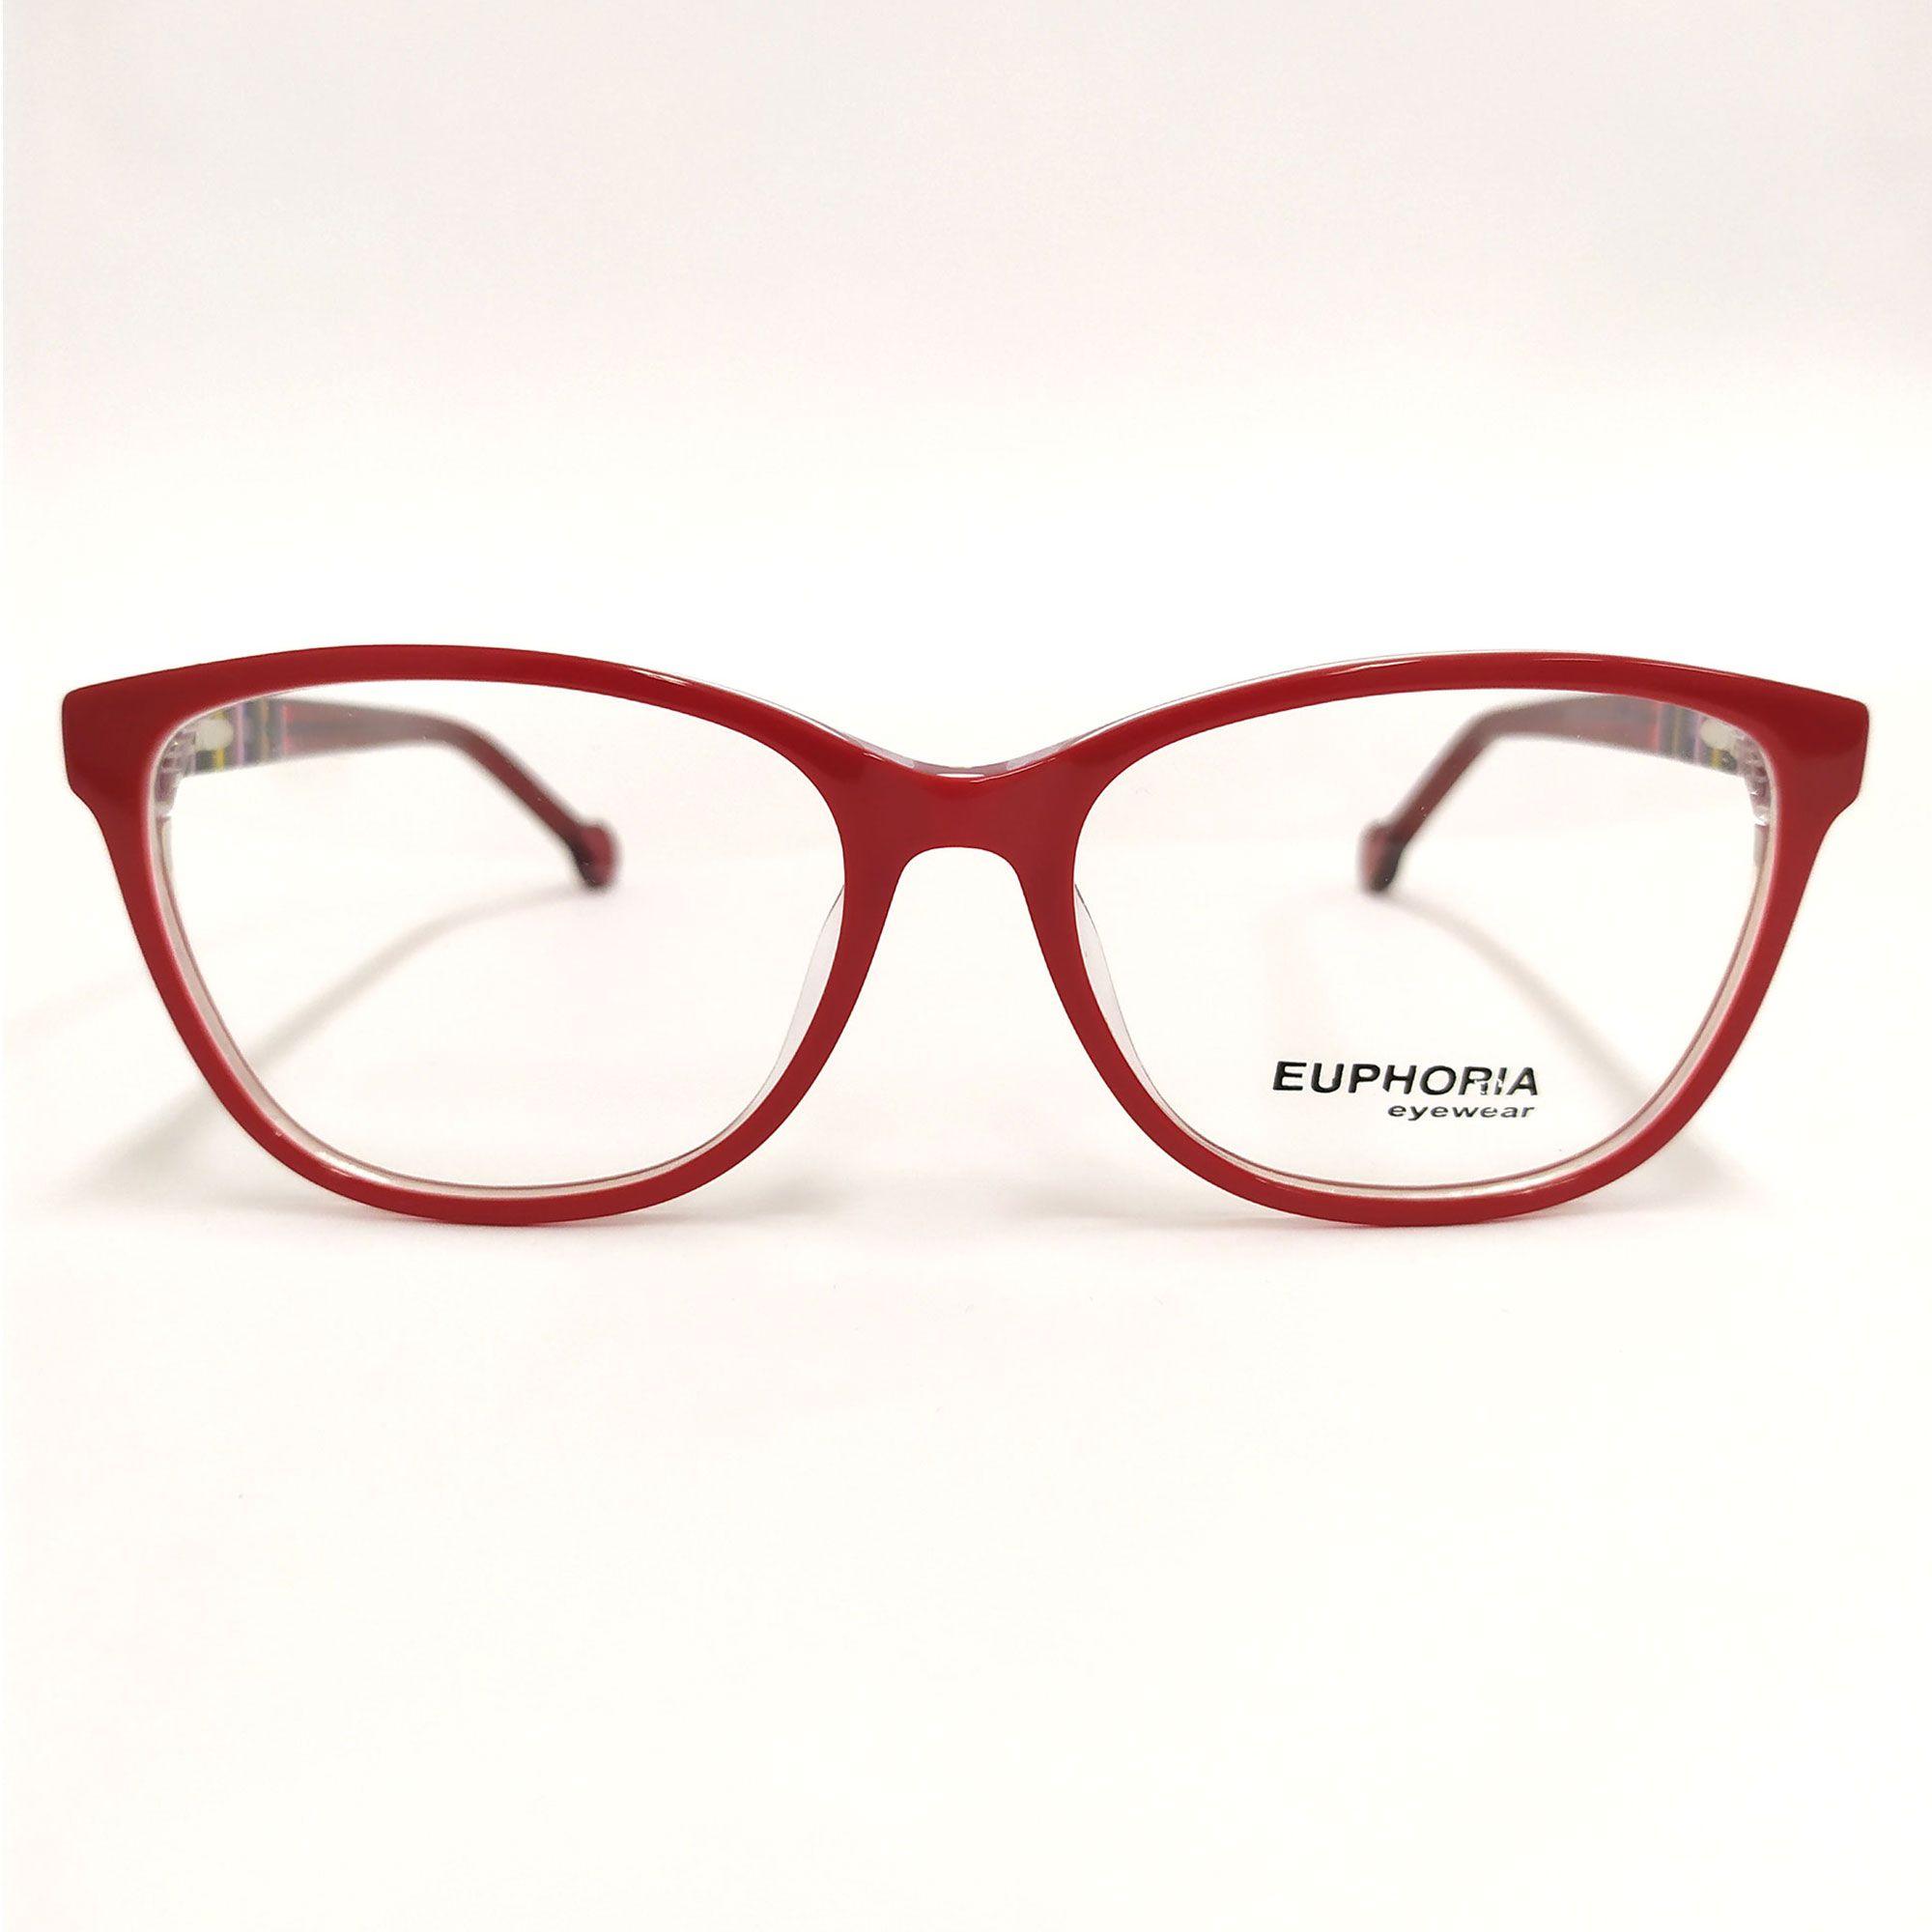 Óculos de Grau Euphoria vermelho BB20331 C8